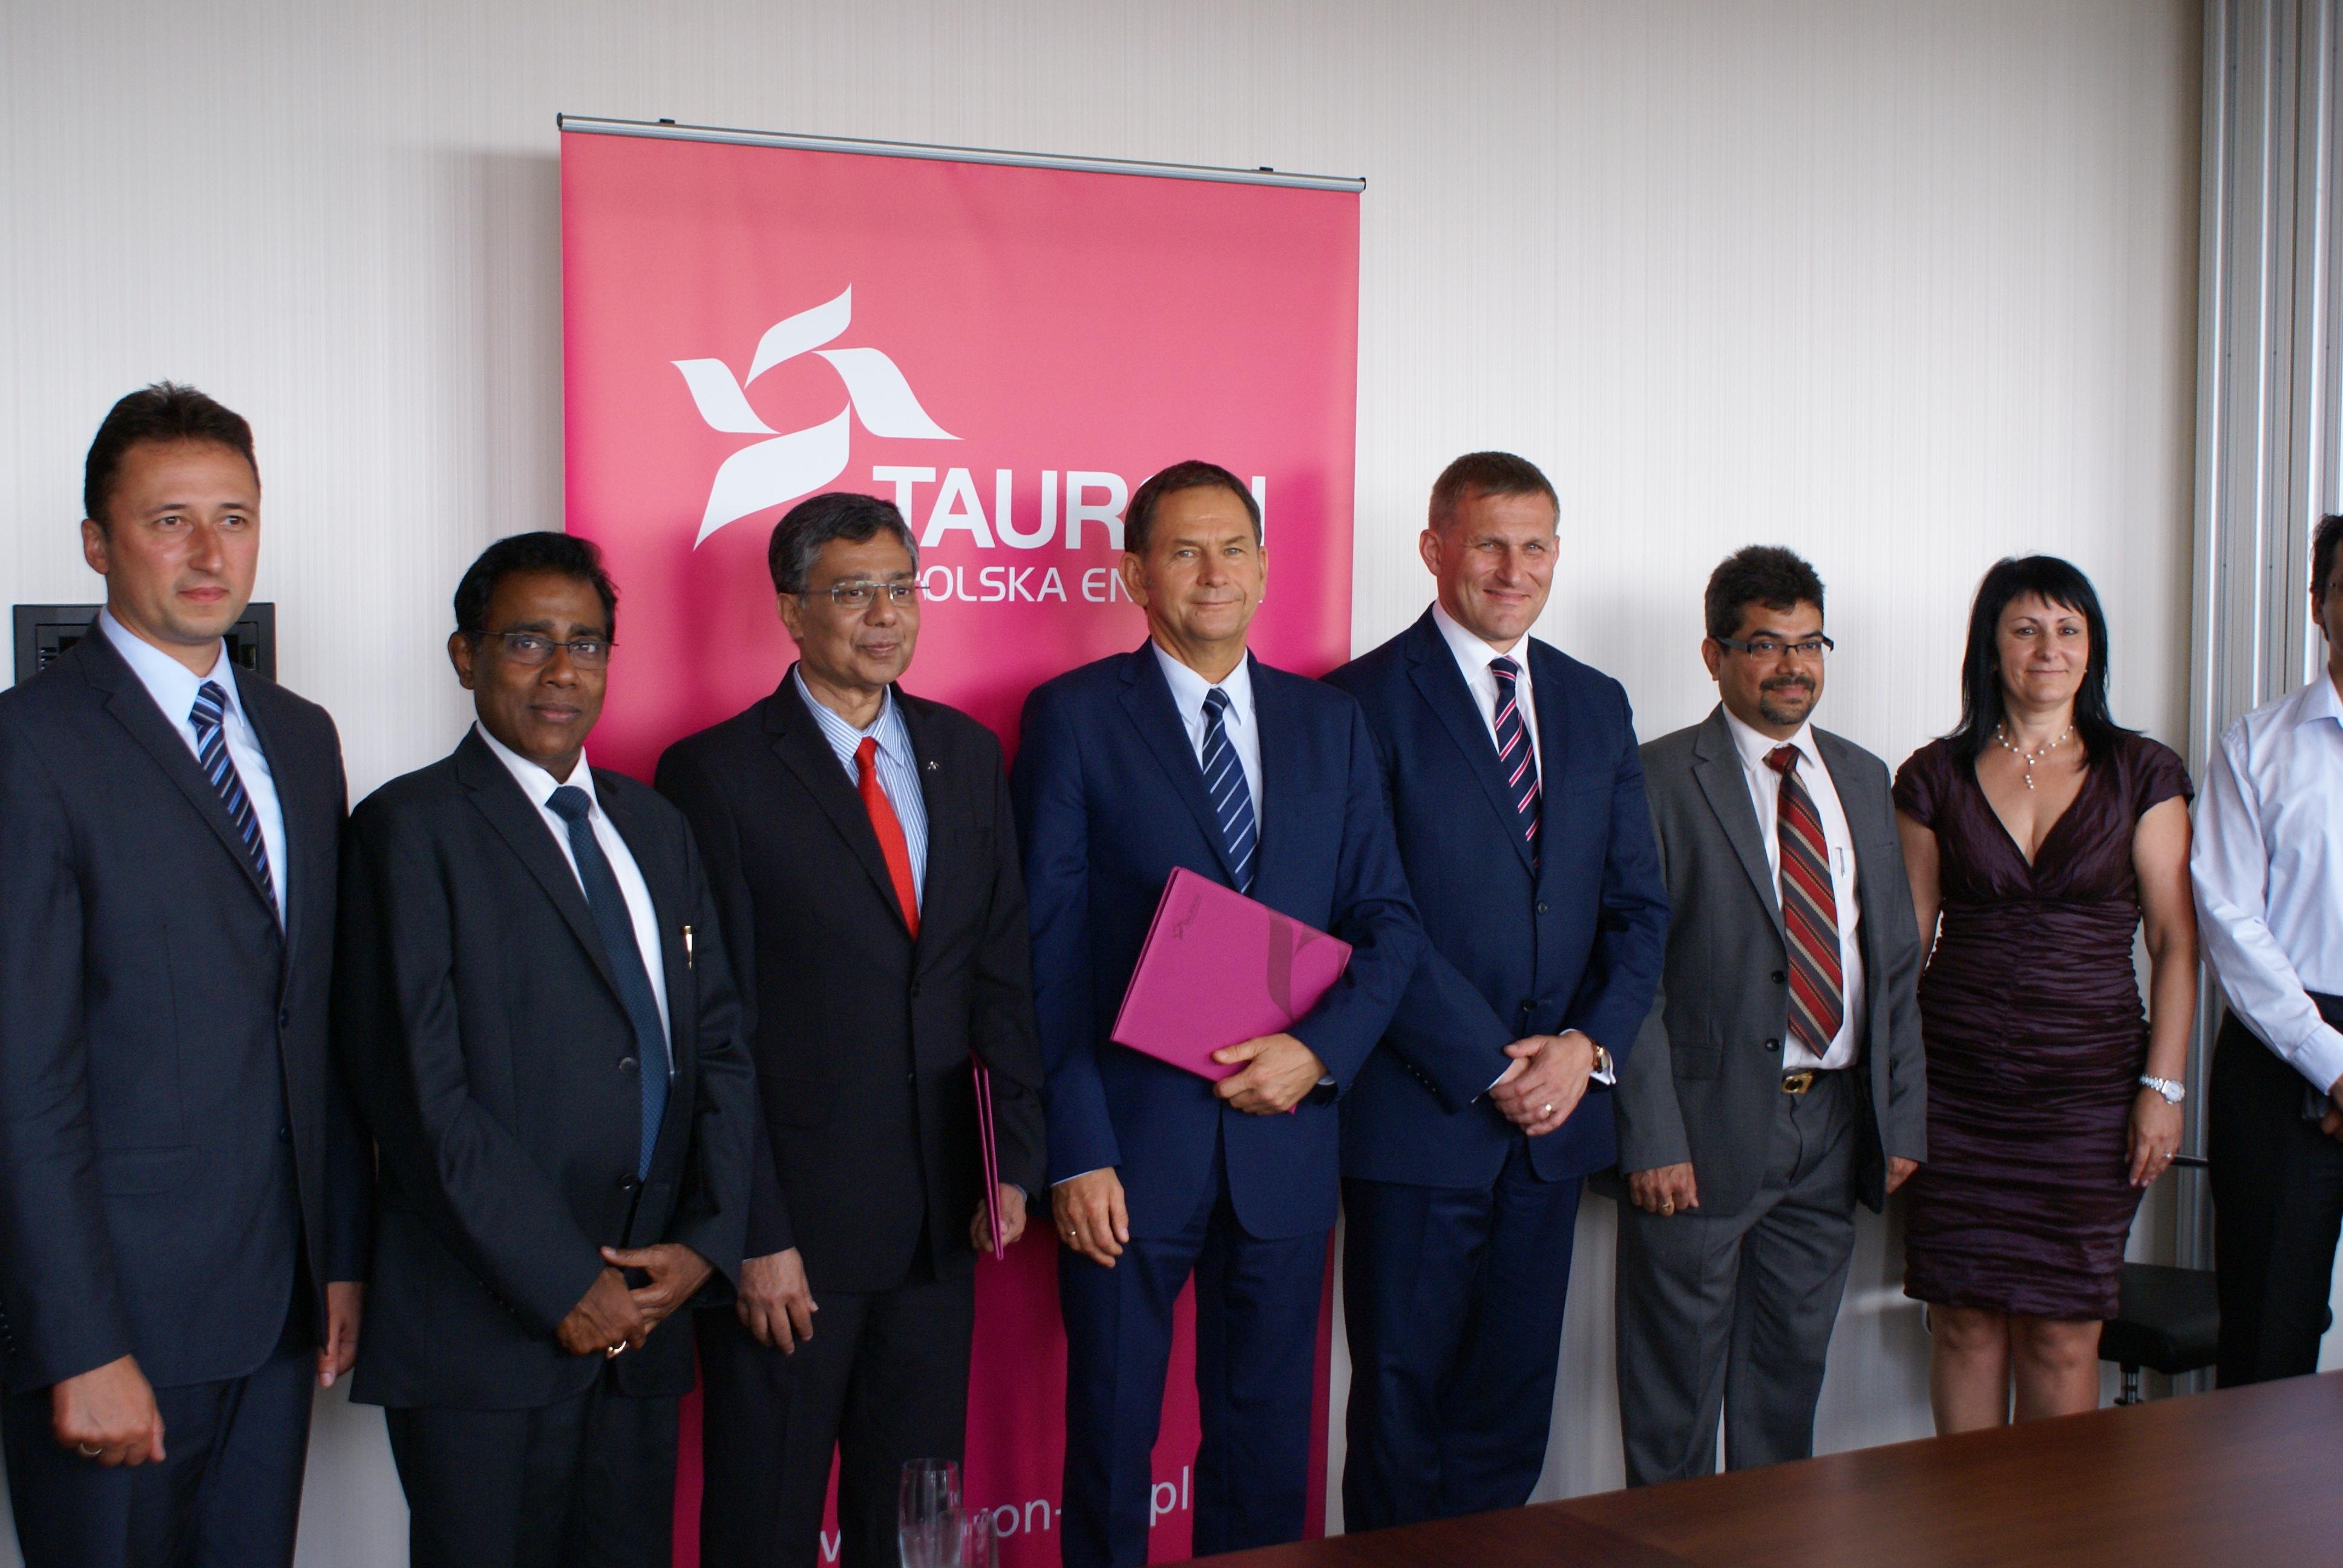 Grupa Tauron i ArcelorMittal tworzą spółkę